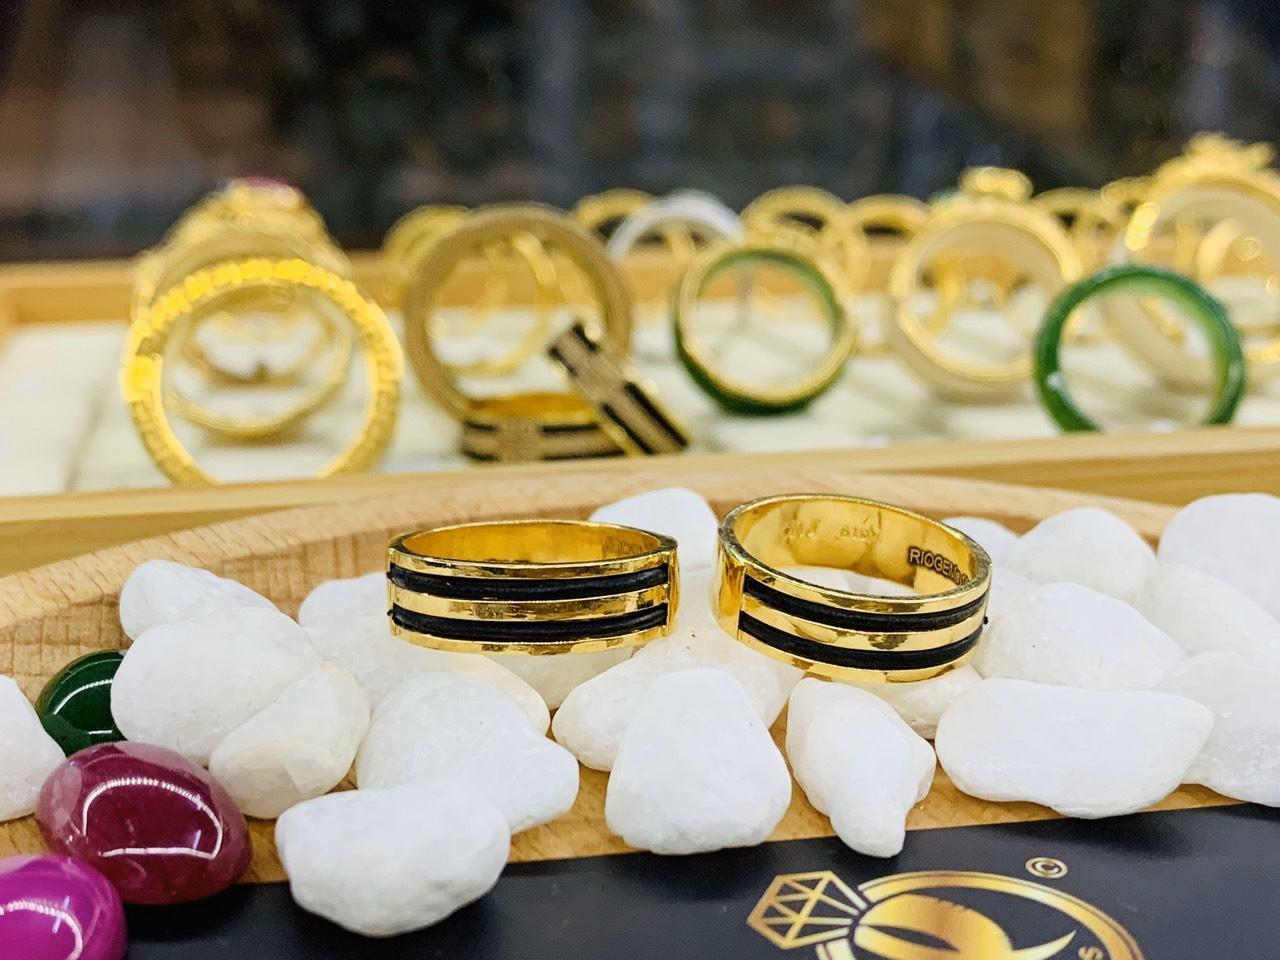 Cặp nhẫn 2 lông làm tay vàng 18K khắc tên tại xưởng Riogems